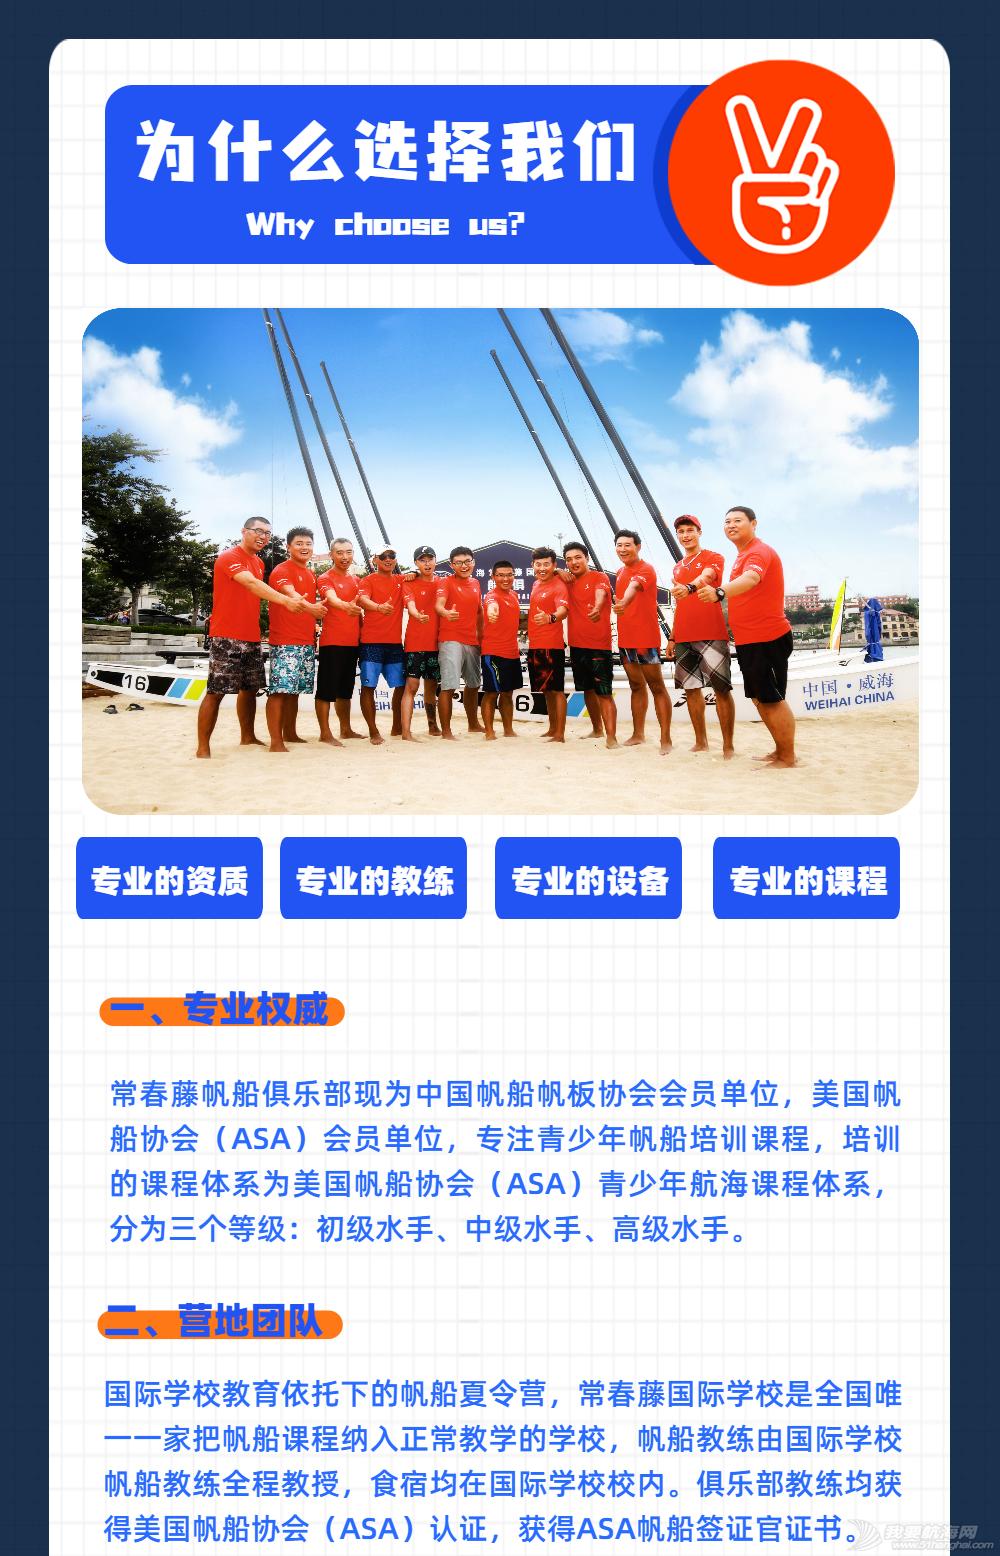 【又玩又学习,又练又比赛】2021威海帆船训练游学营w15.jpg